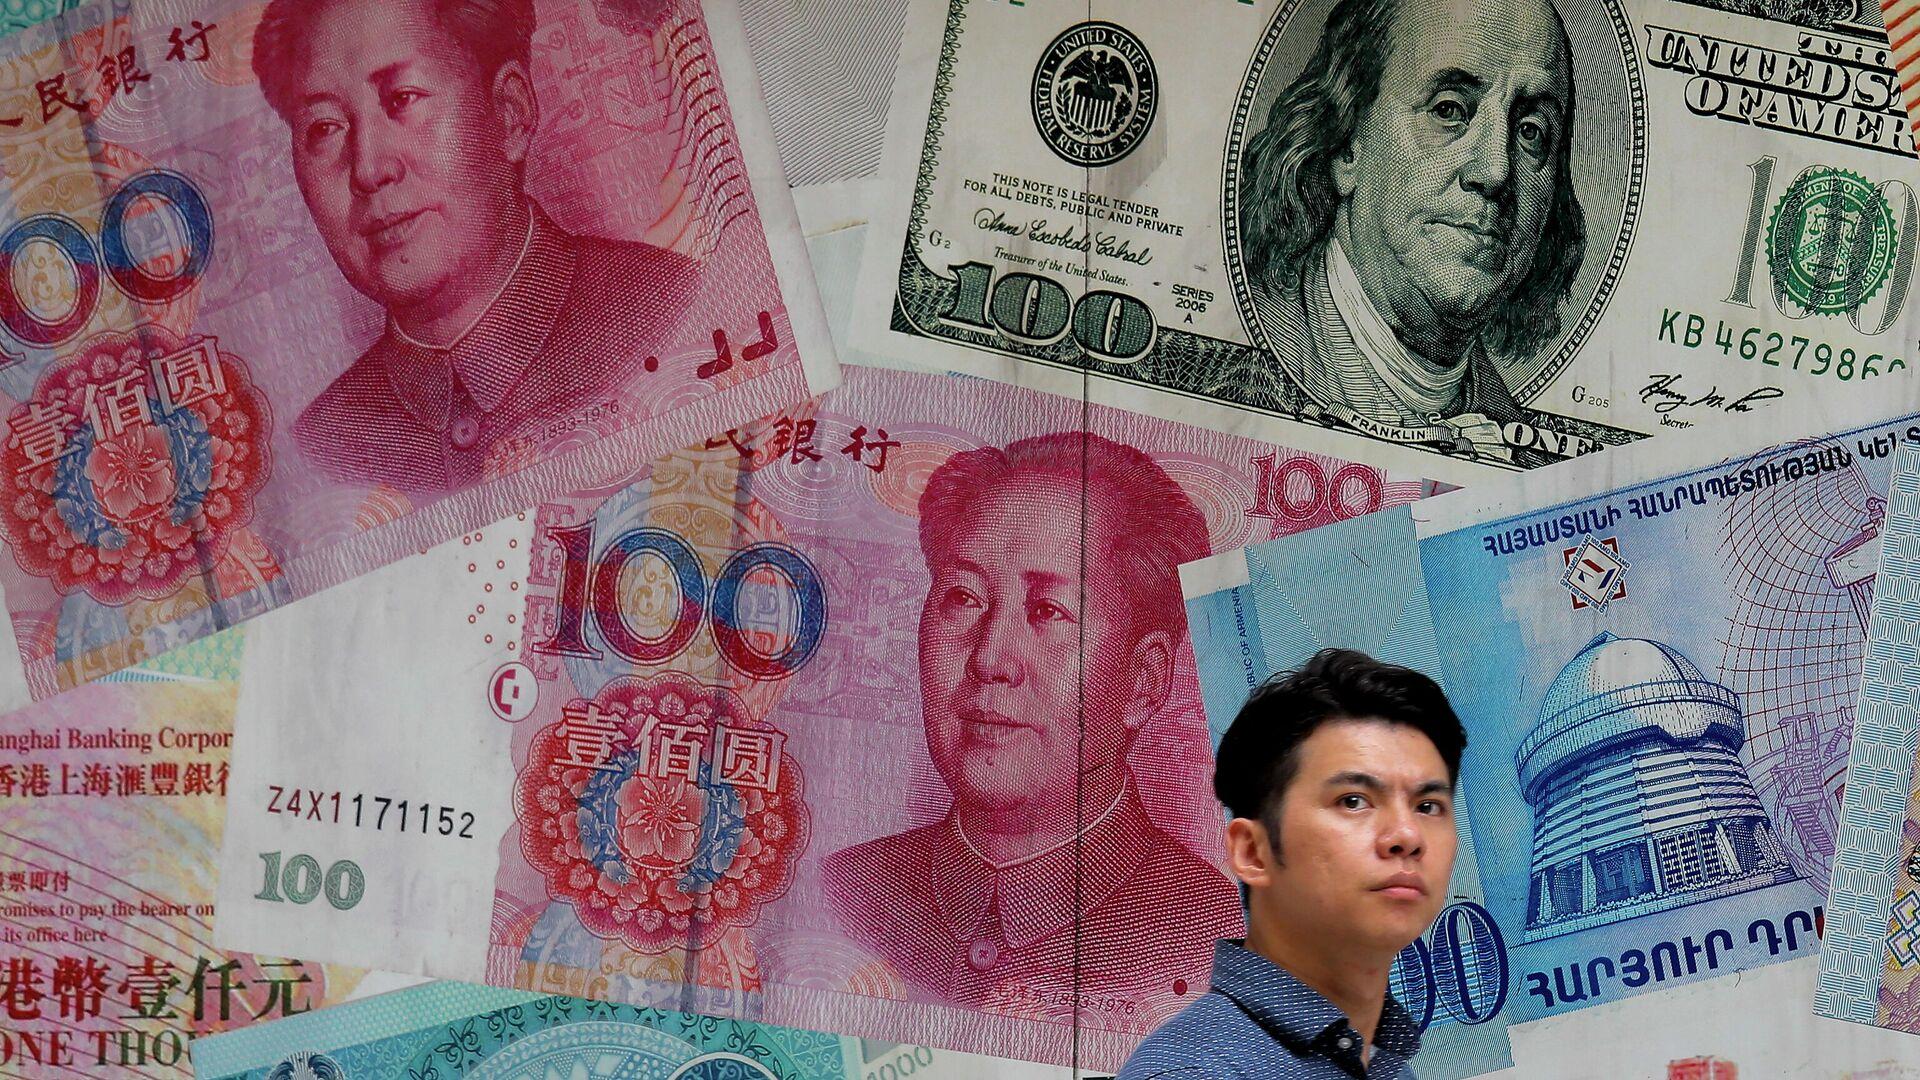 Китайской экономике удалось продолжить тенденцию восстановления - СМИ